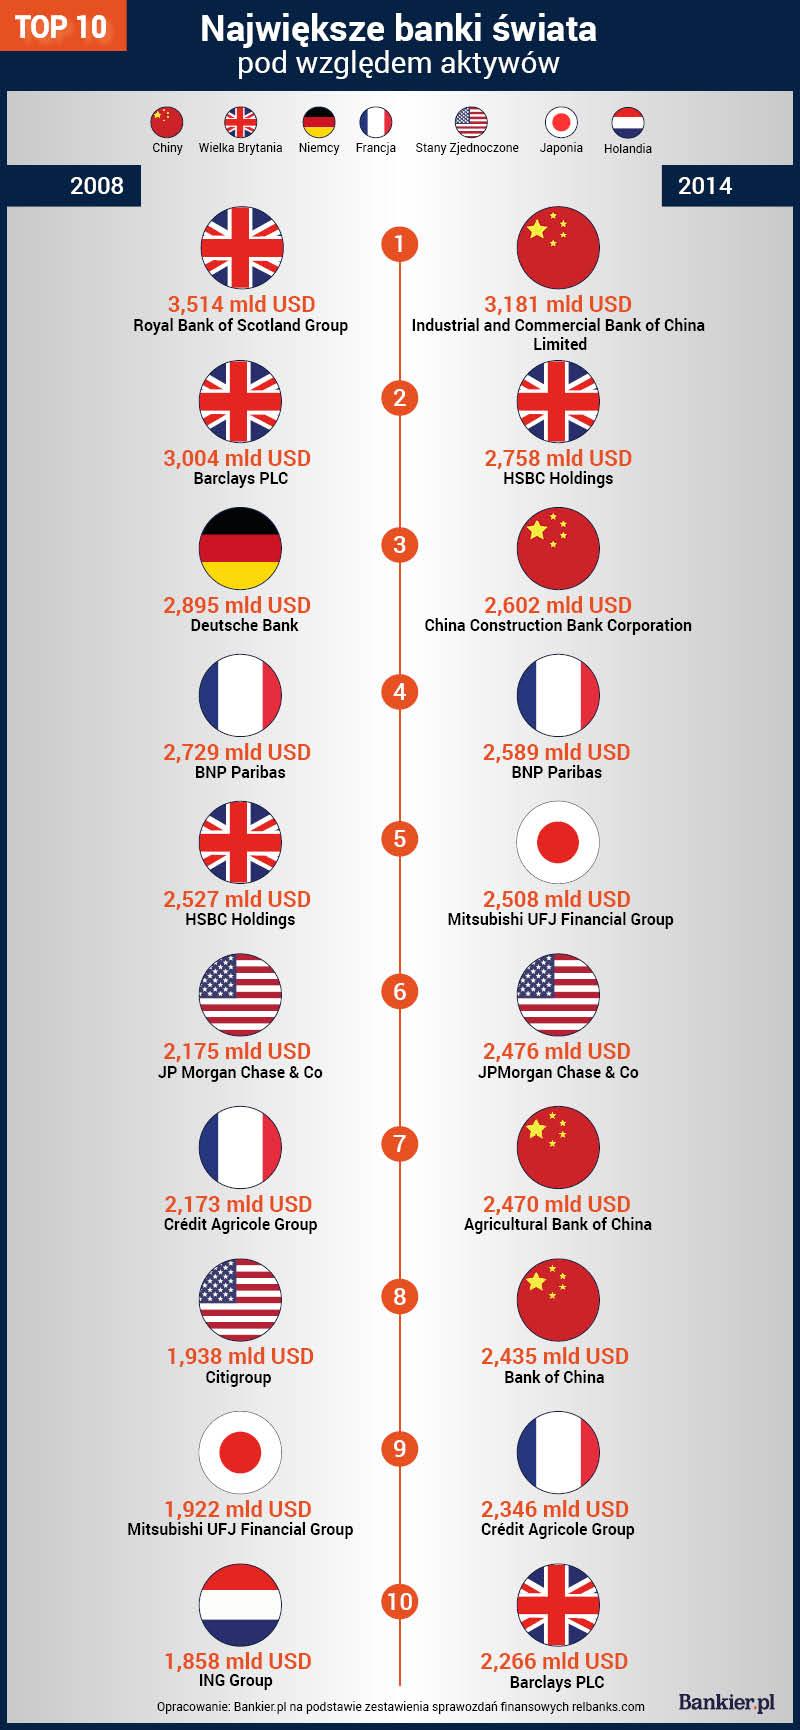 największe banki świata pod względem aktywów